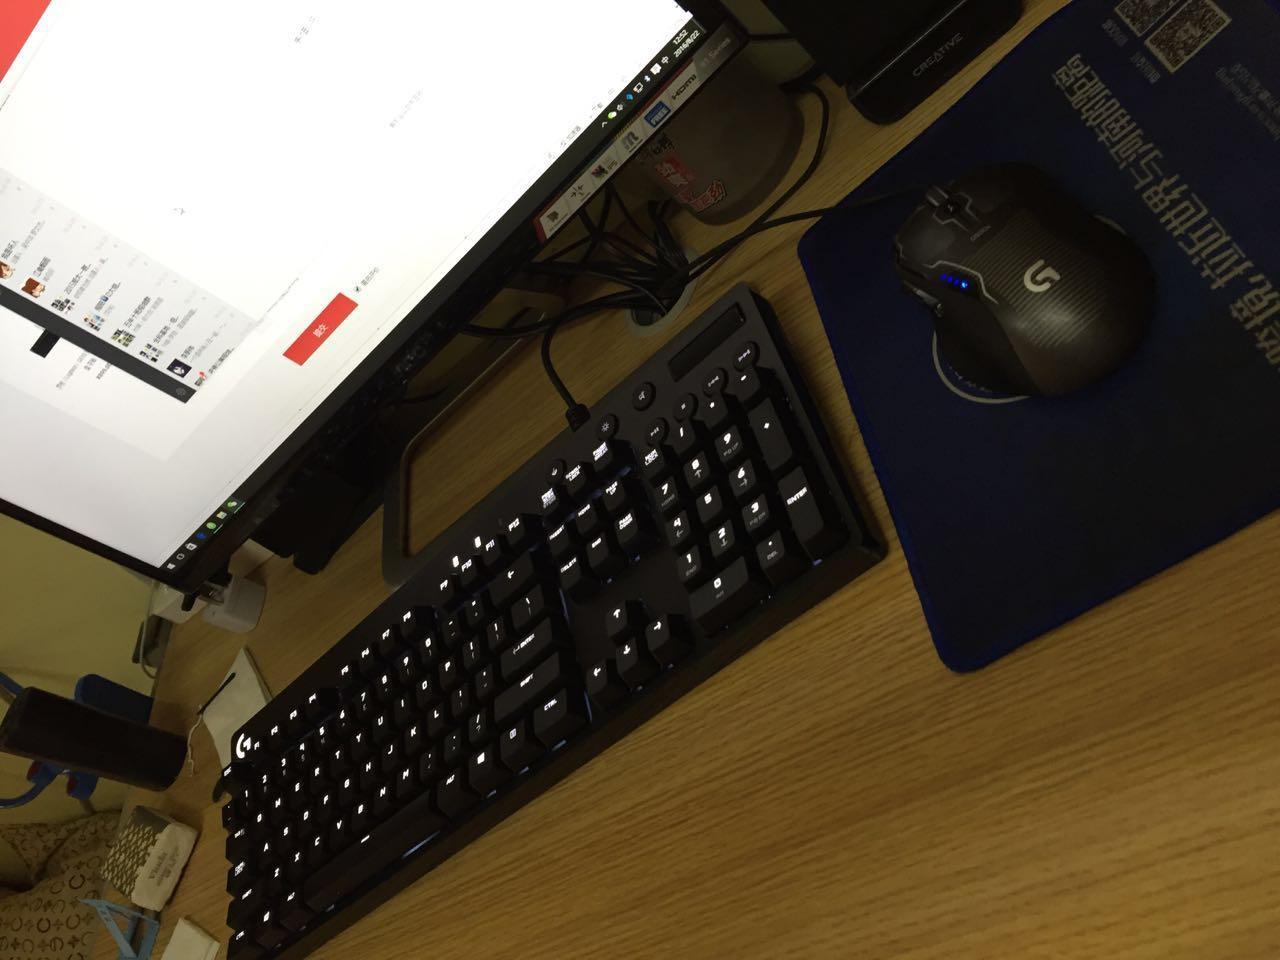 键盘很给力,操作灵敏...